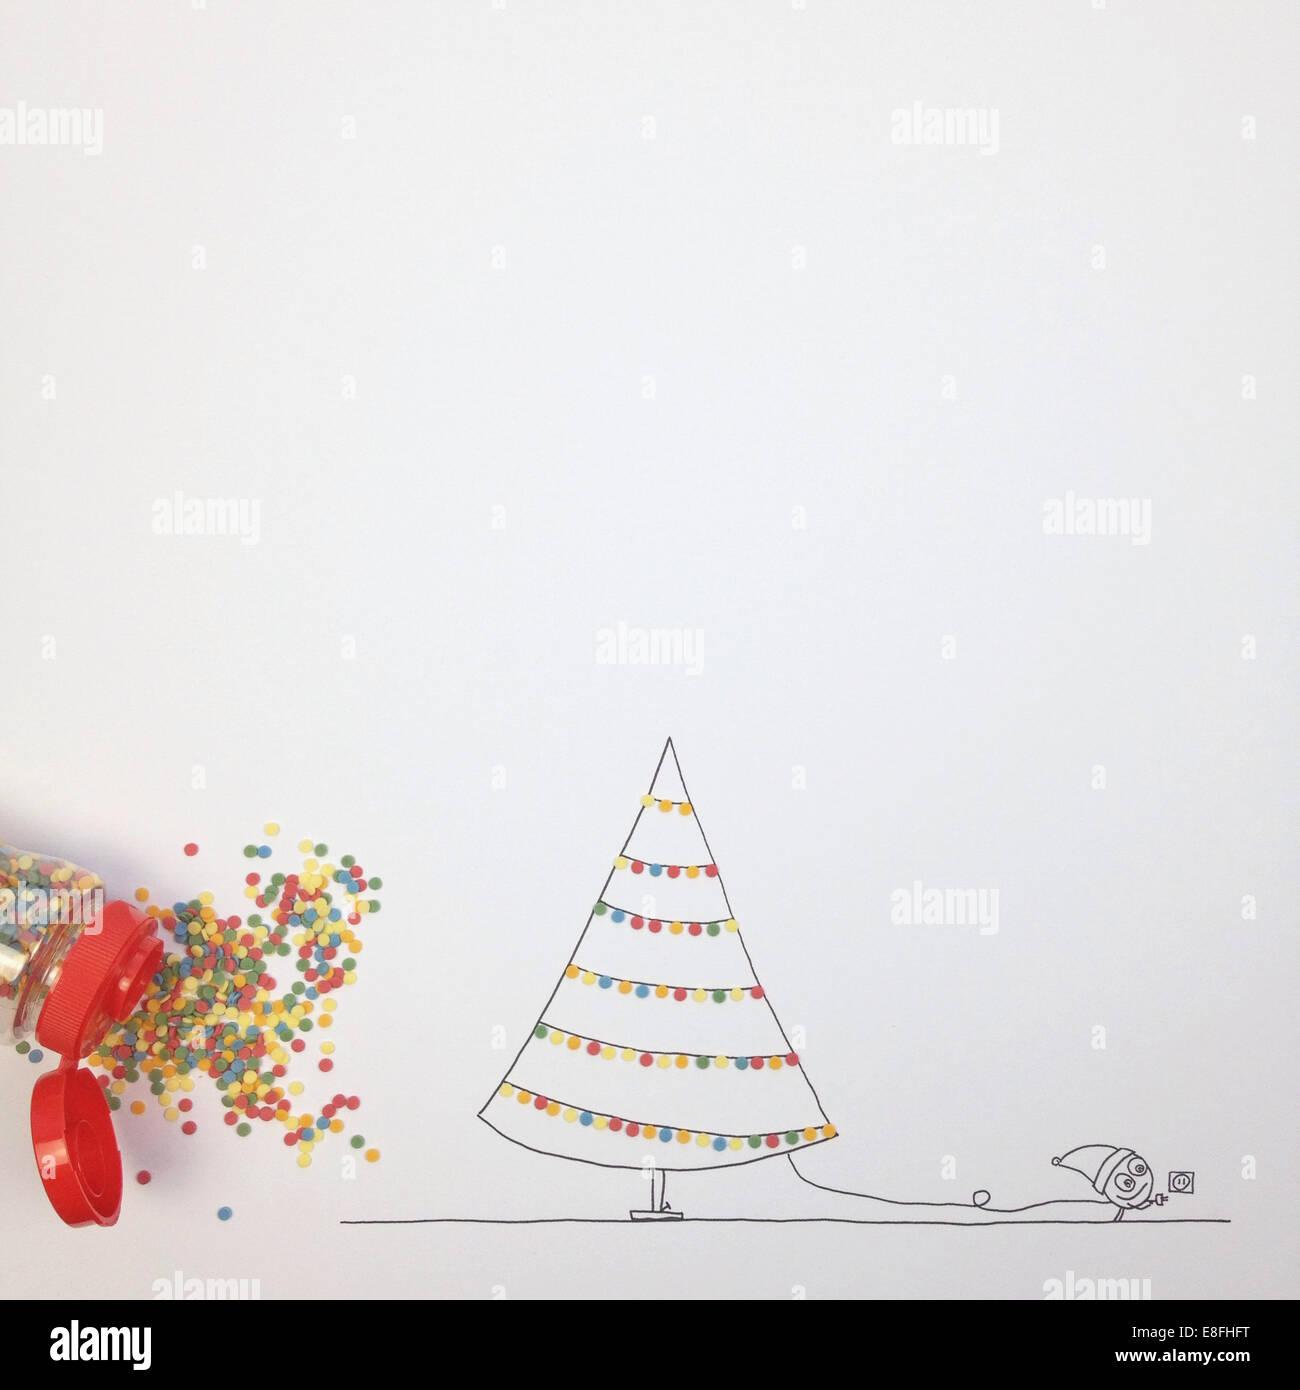 Personaje de fantasía conceptual decorar árbol de Navidad con luces de hadas Imagen De Stock